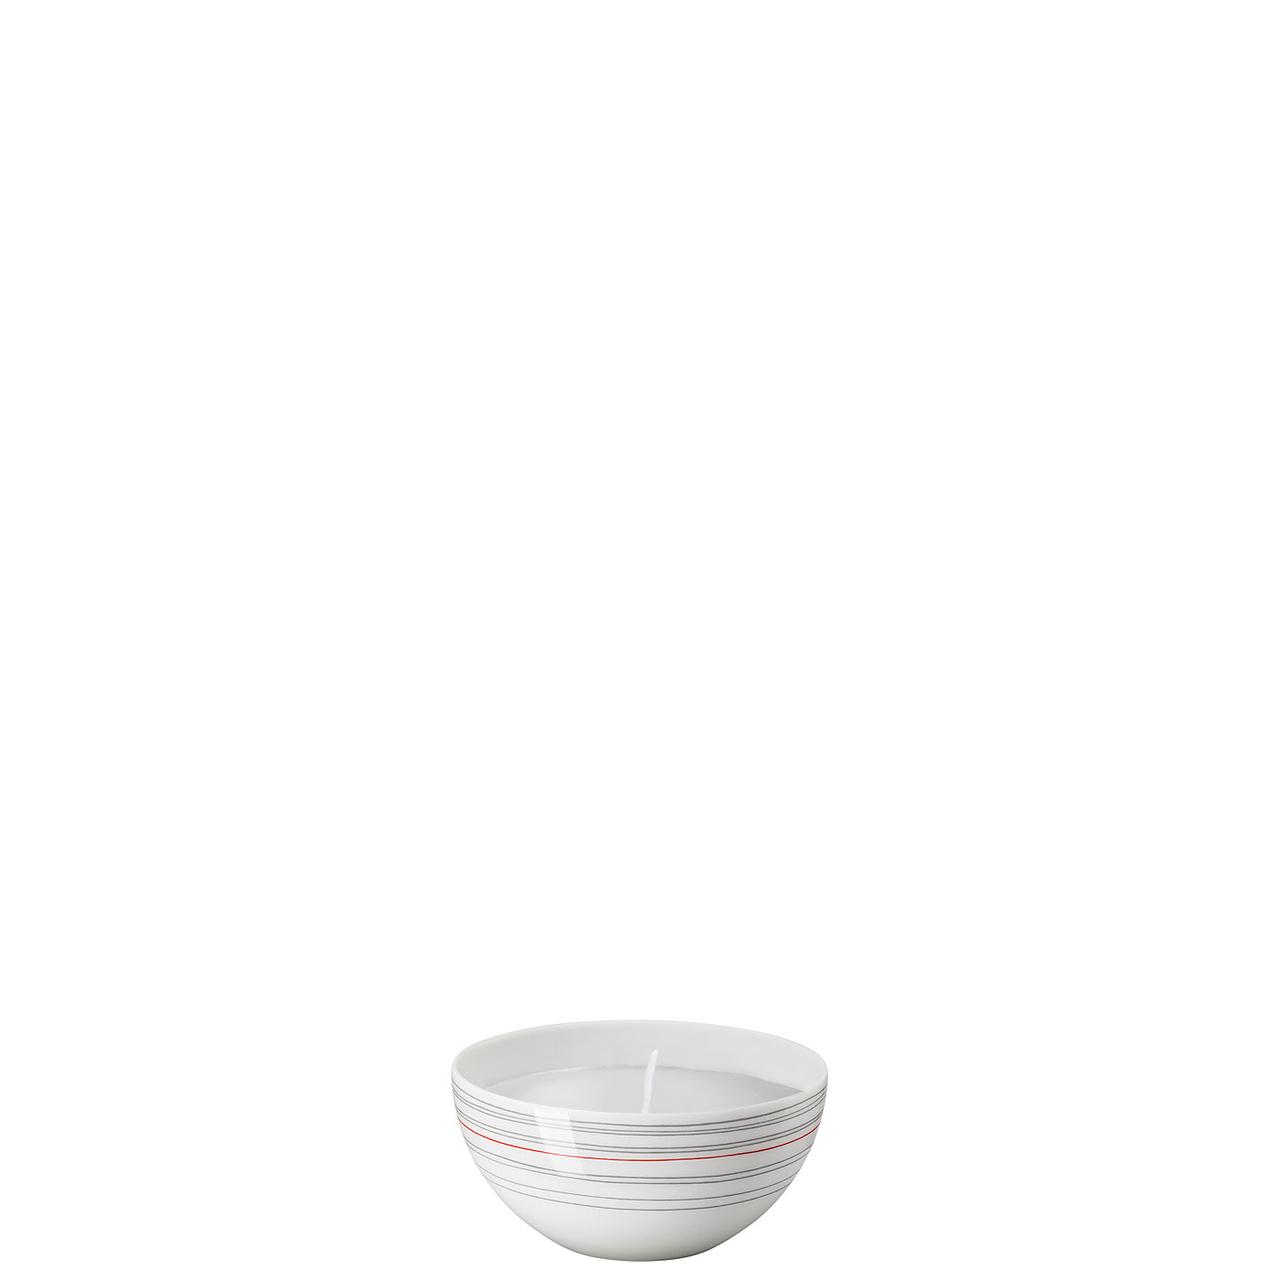 Tischlicht mit Wachs TAC Gropius Stripes 2.0 Rosenthal Studio Line